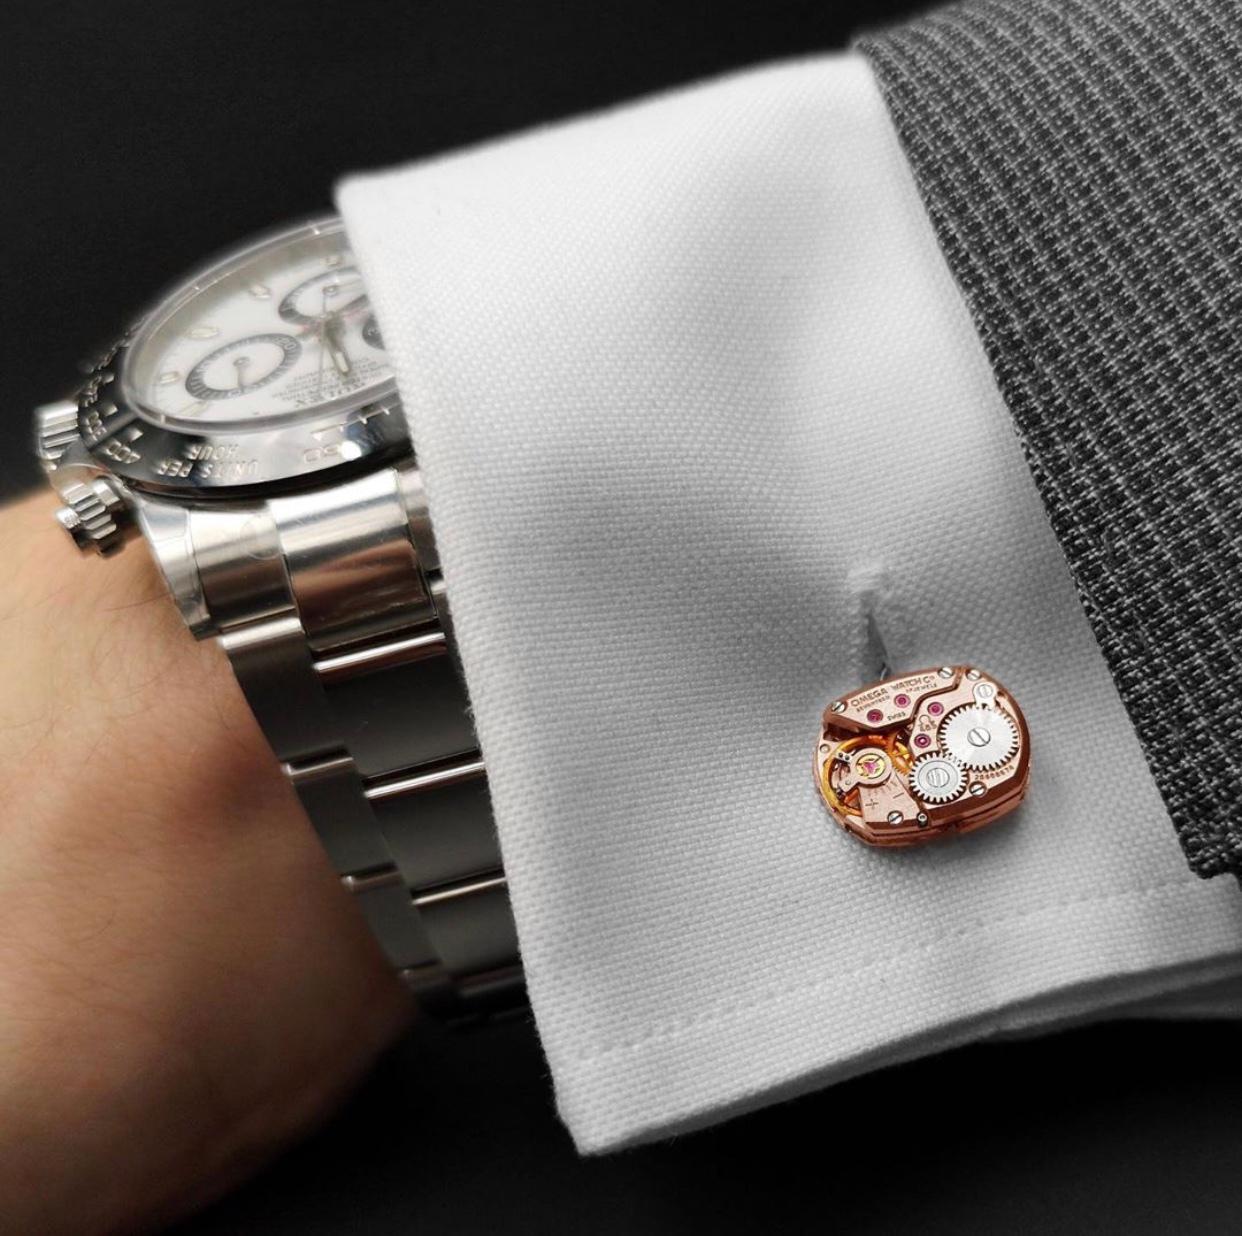 手表机芯造型的袖扣,有点酷!